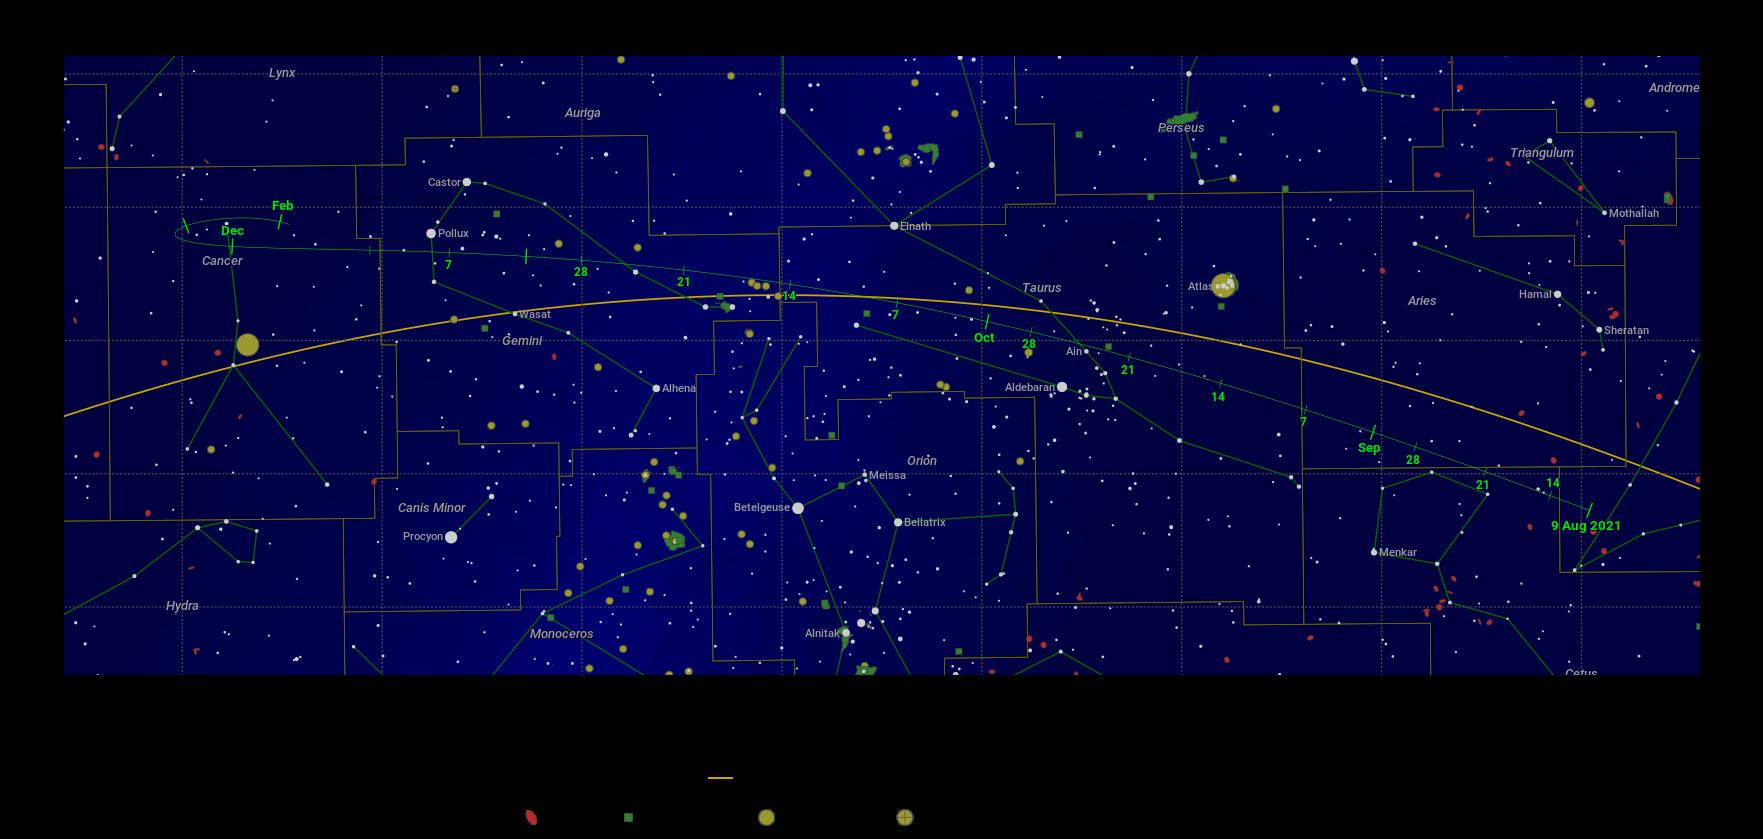 The path traced across the sky by 67P/Churyumov-Gerasimenko